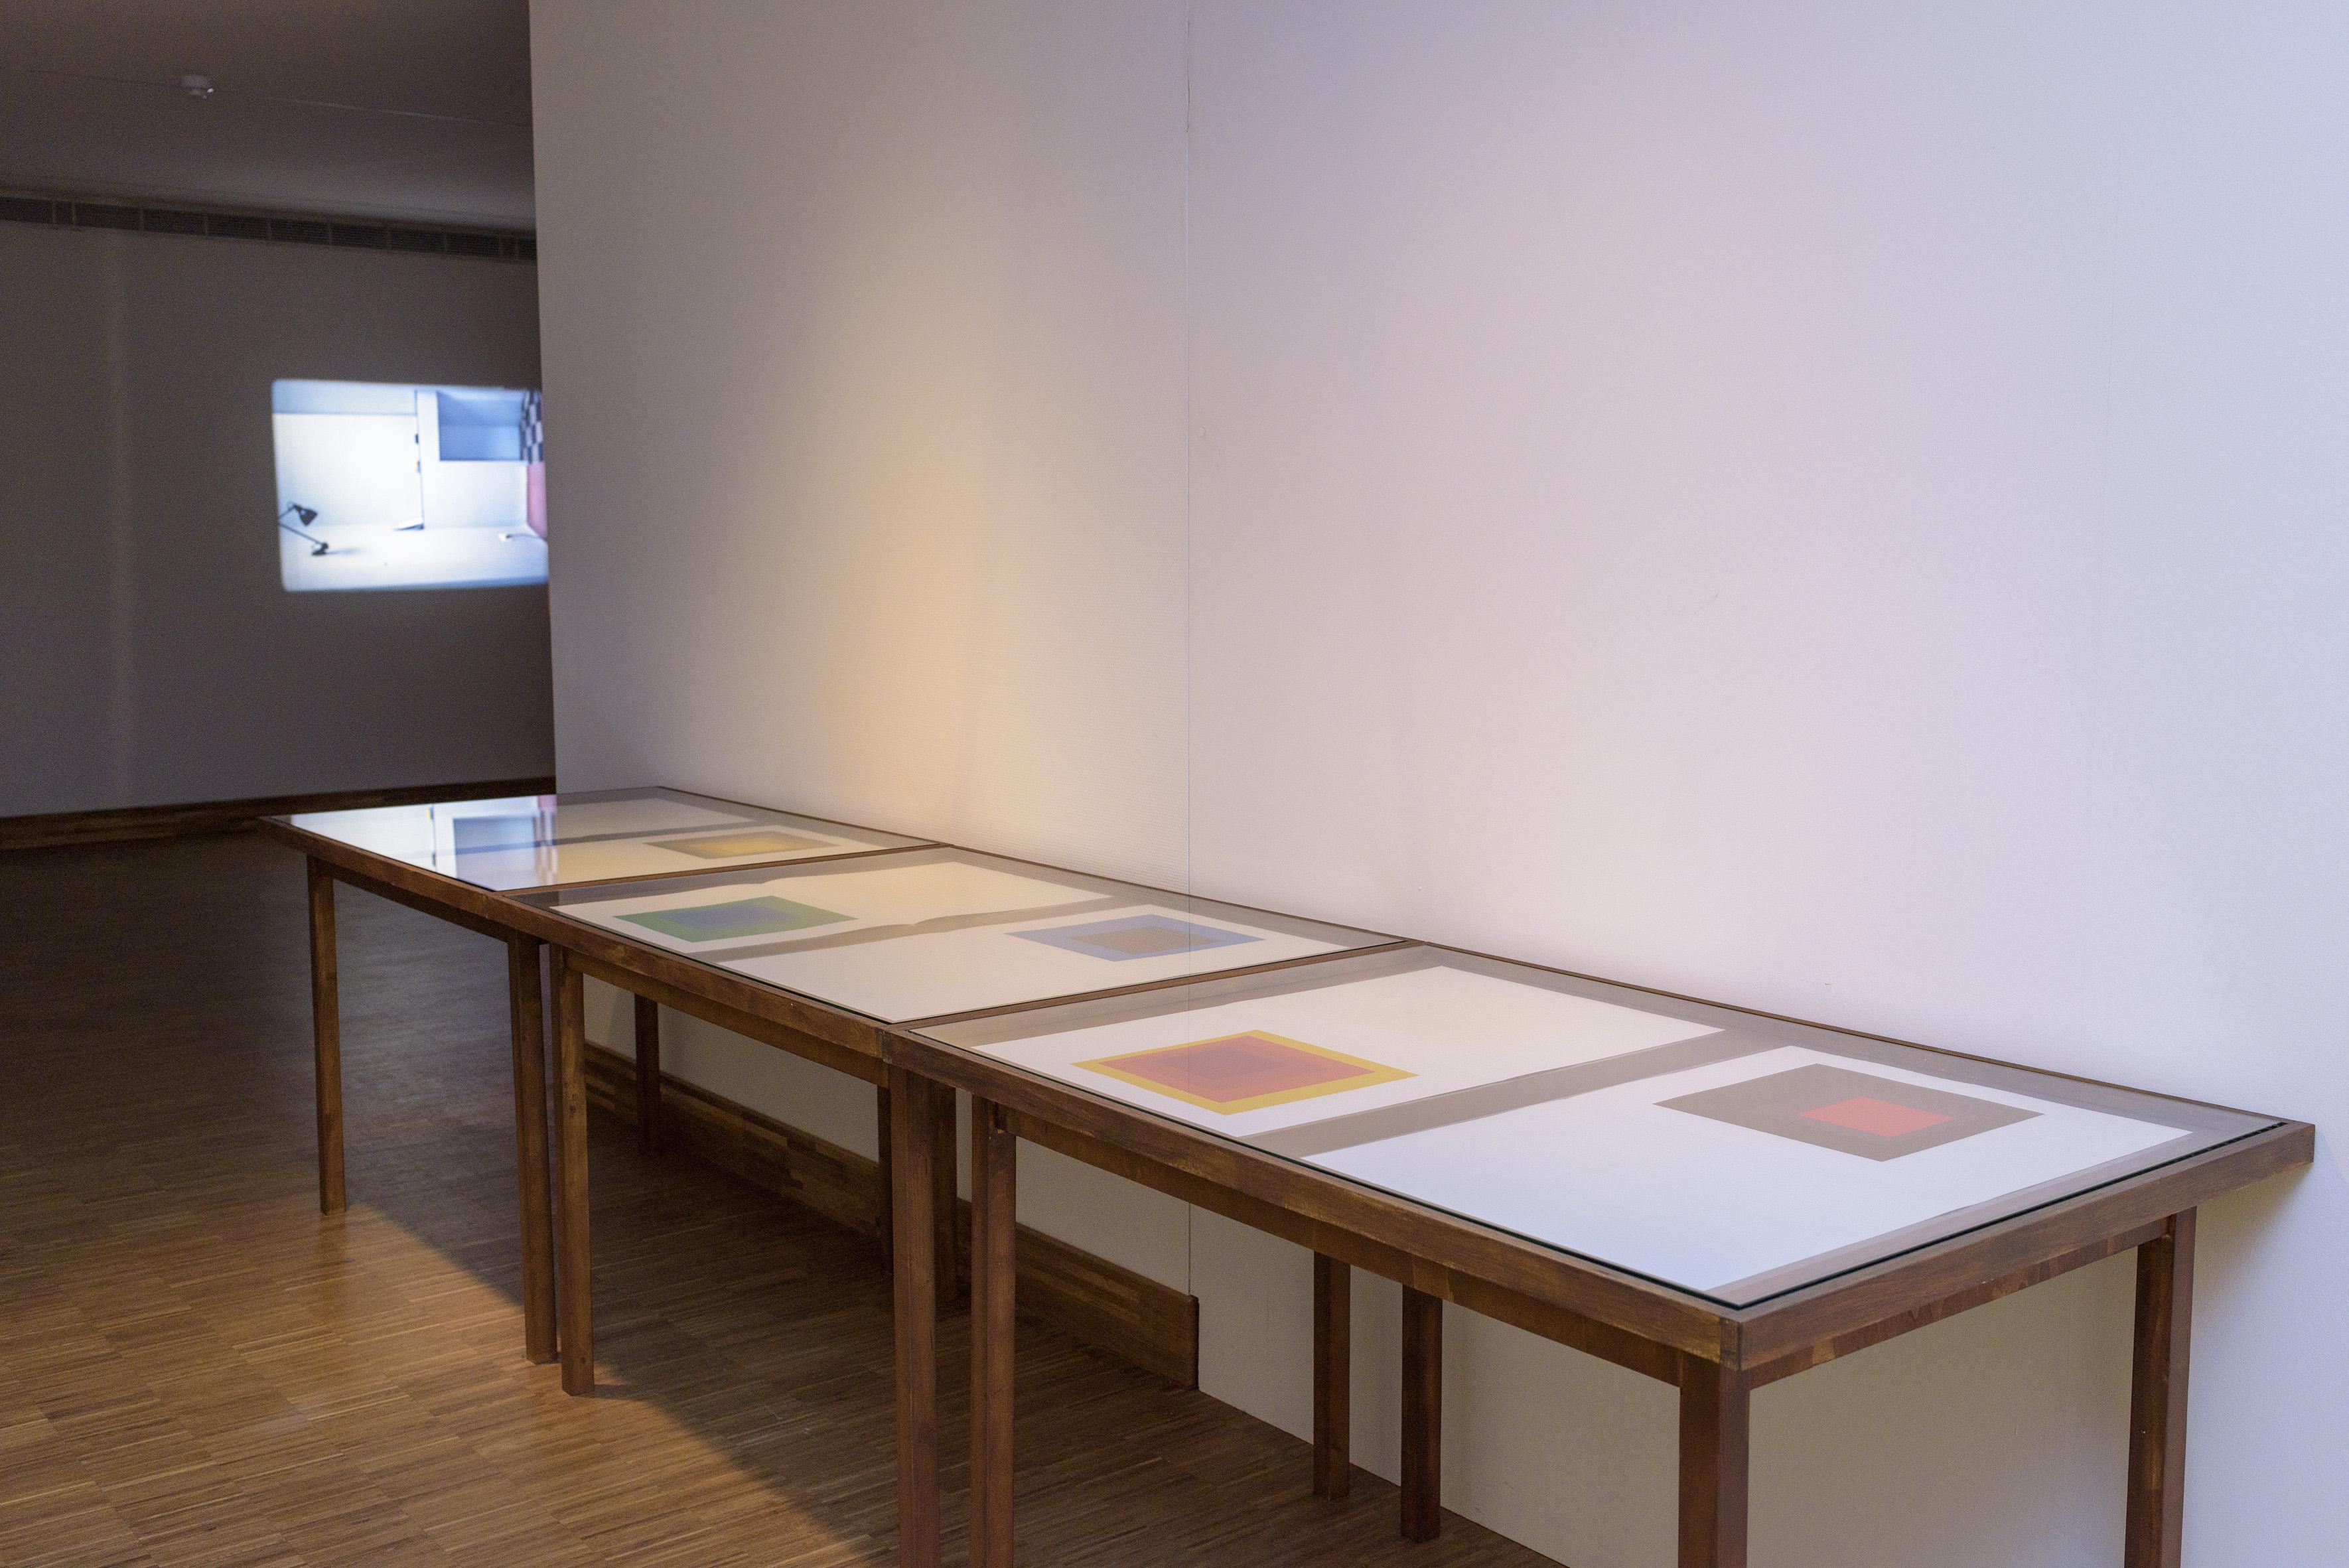 Zaaloverzicht De kleuren van De Stijl met Josef Albers en Katja Mater